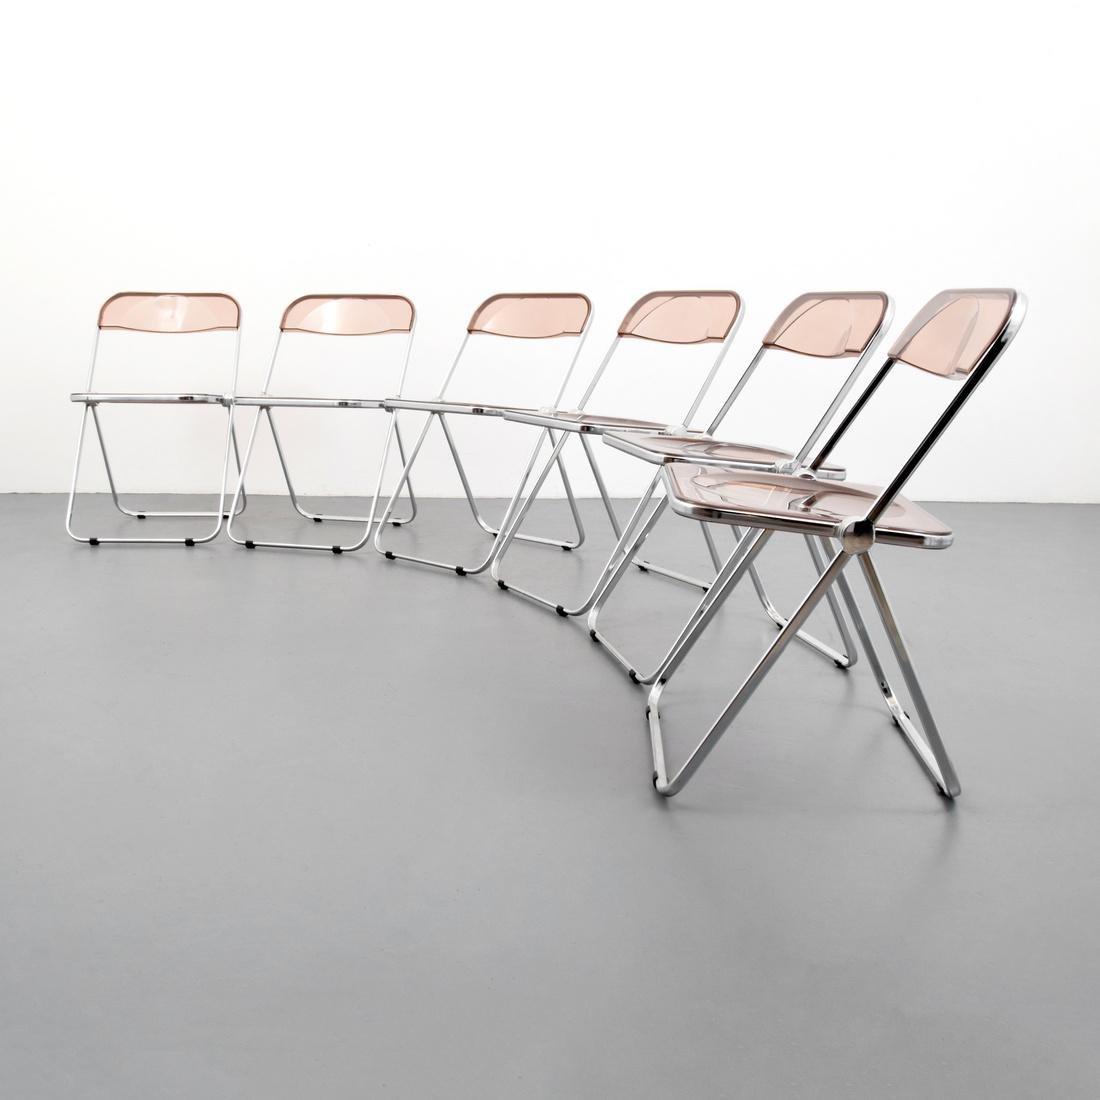 Giancarlo Piretti PLIA Folding Chairs, Set of 6